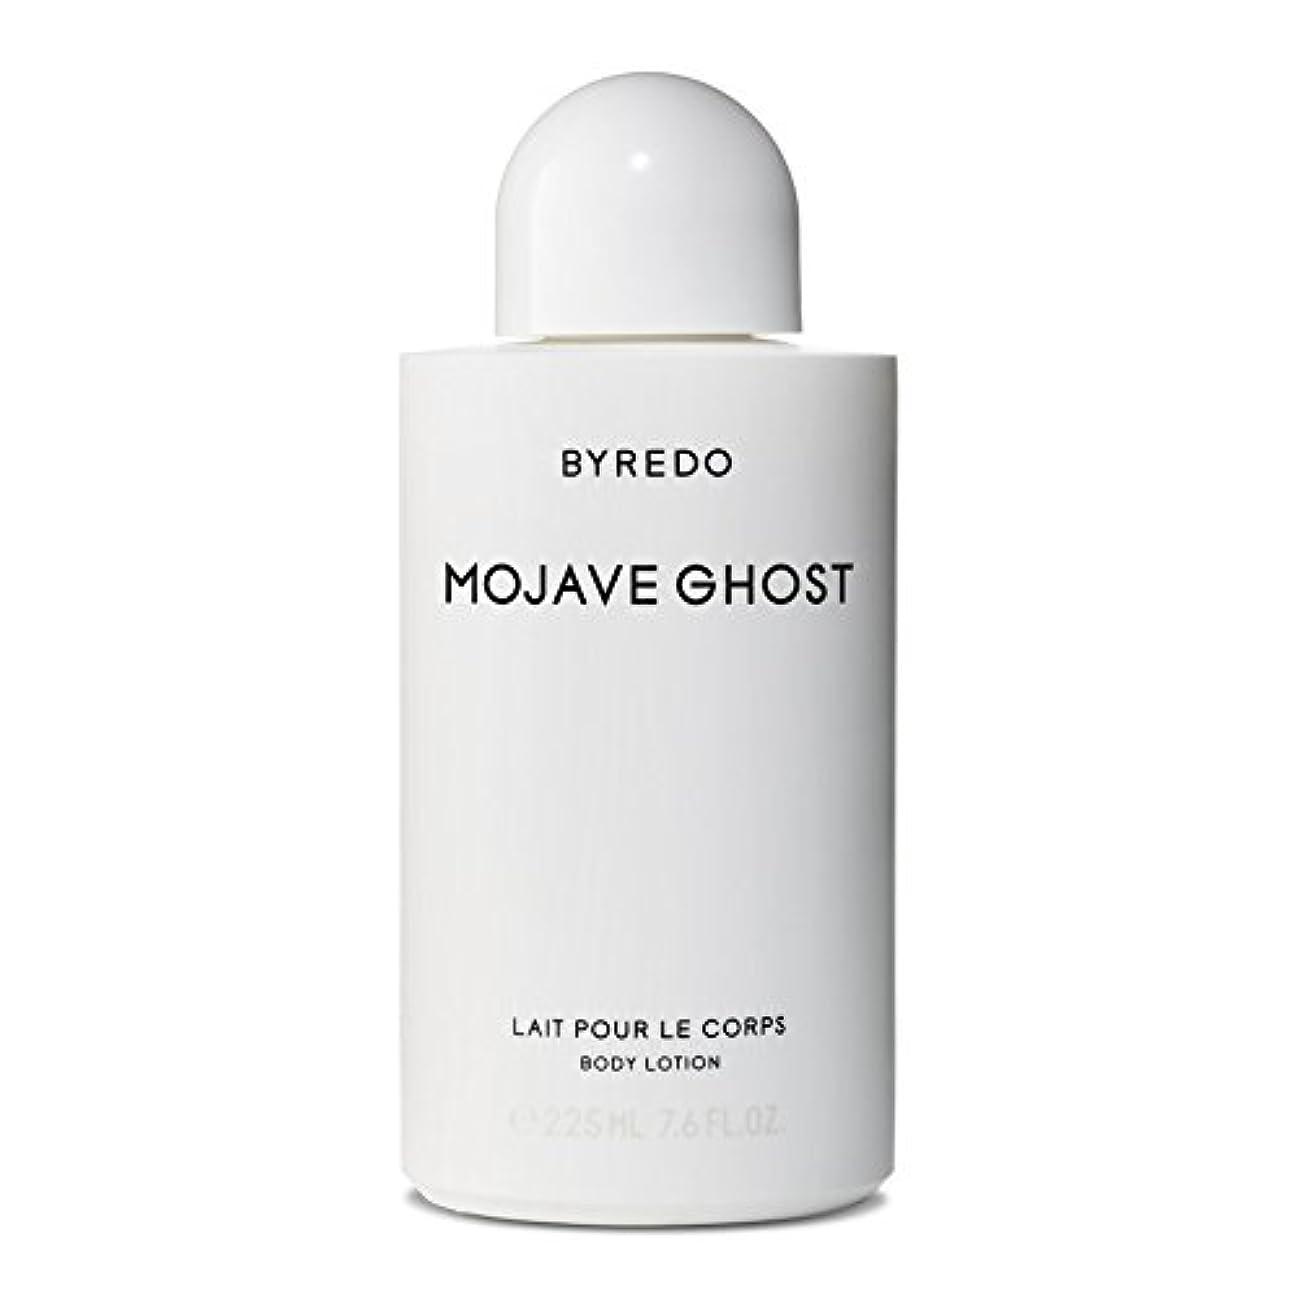 申請者請求可能振動するByredo Mojave Ghost Body Lotion - モハーベゴーストボディローション [並行輸入品]